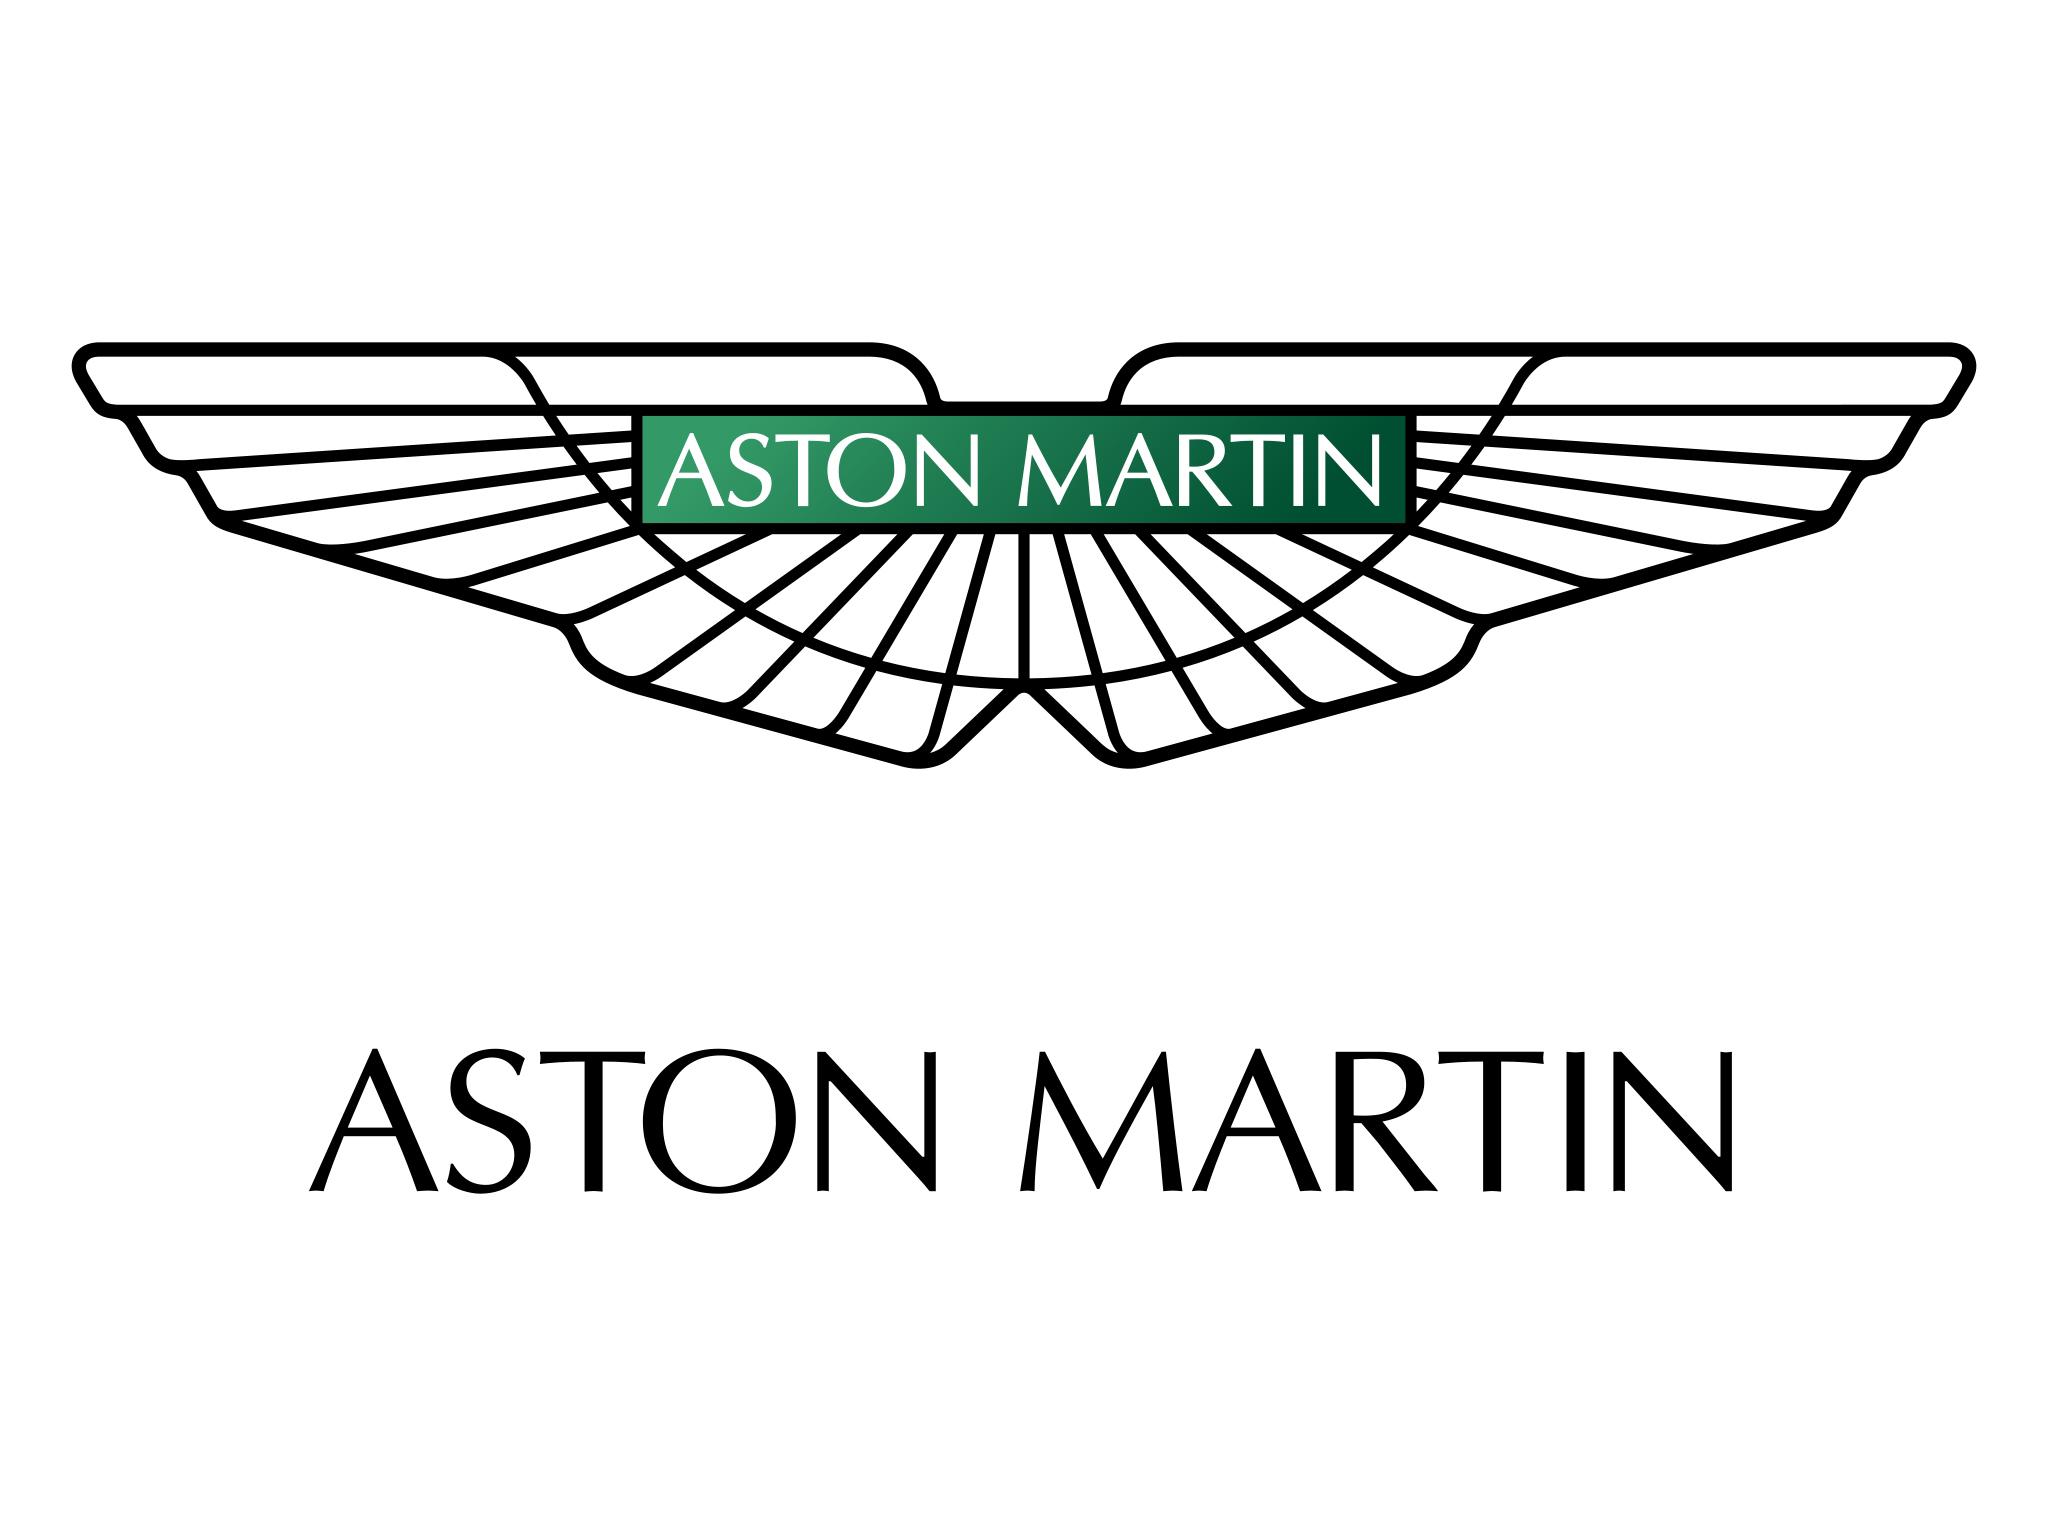 阿斯顿·马丁入选英最有价值品牌 去年增幅261%